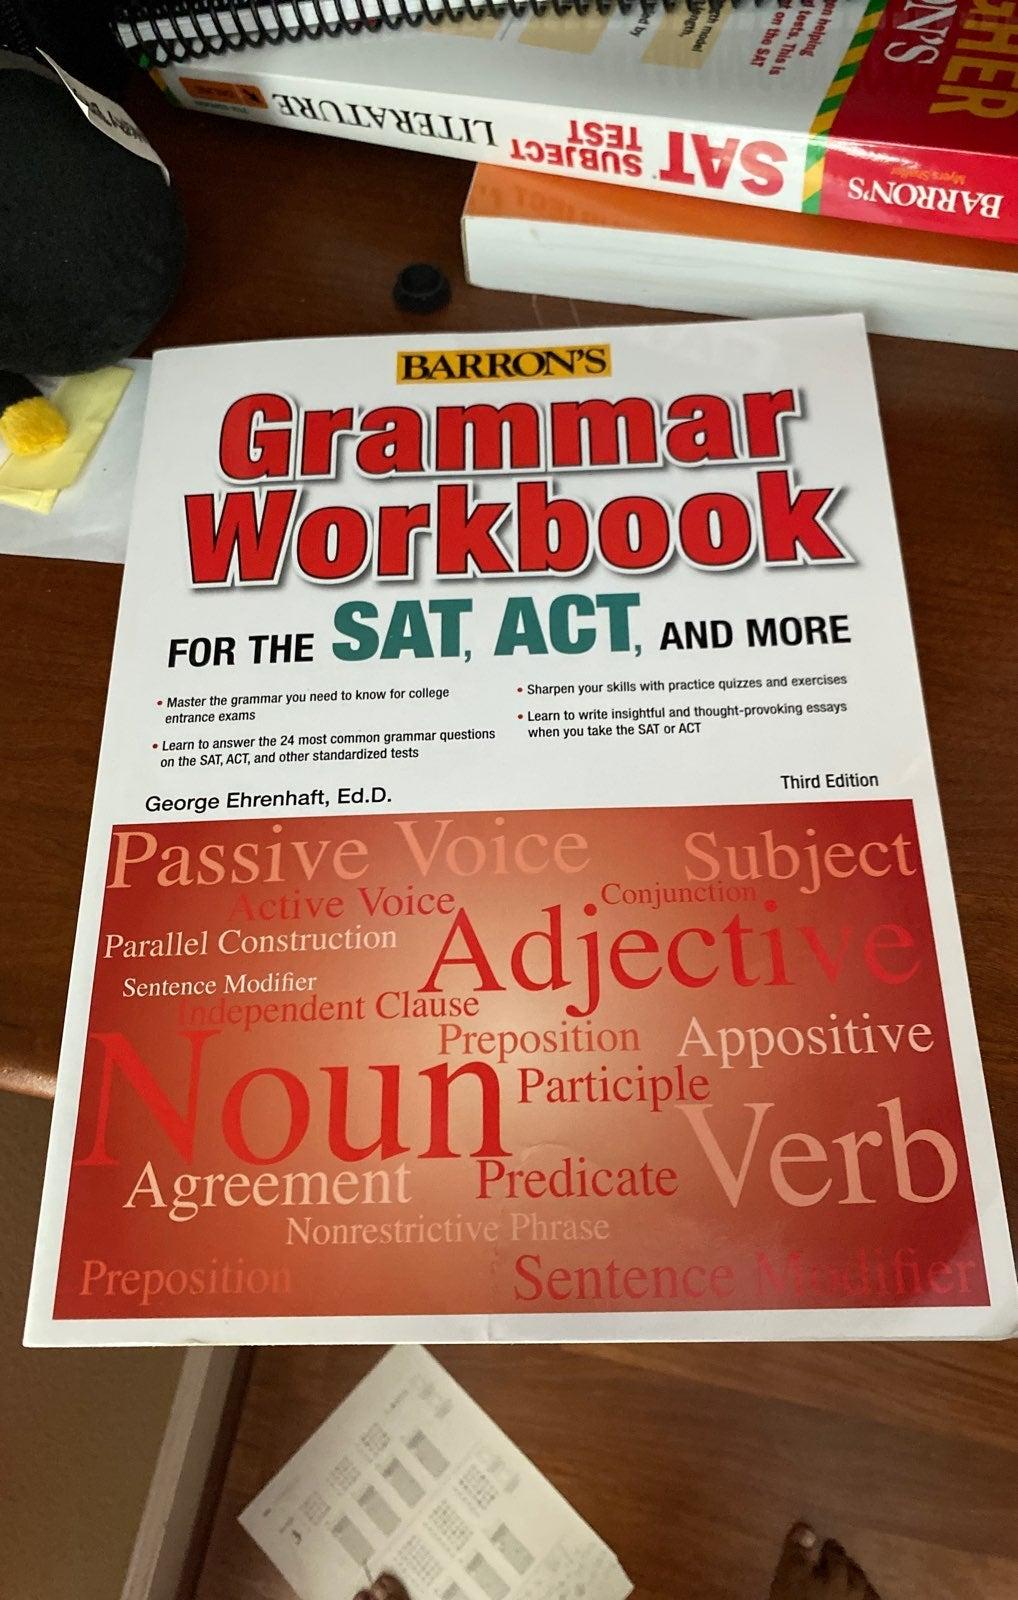 Barrons grammer workbook